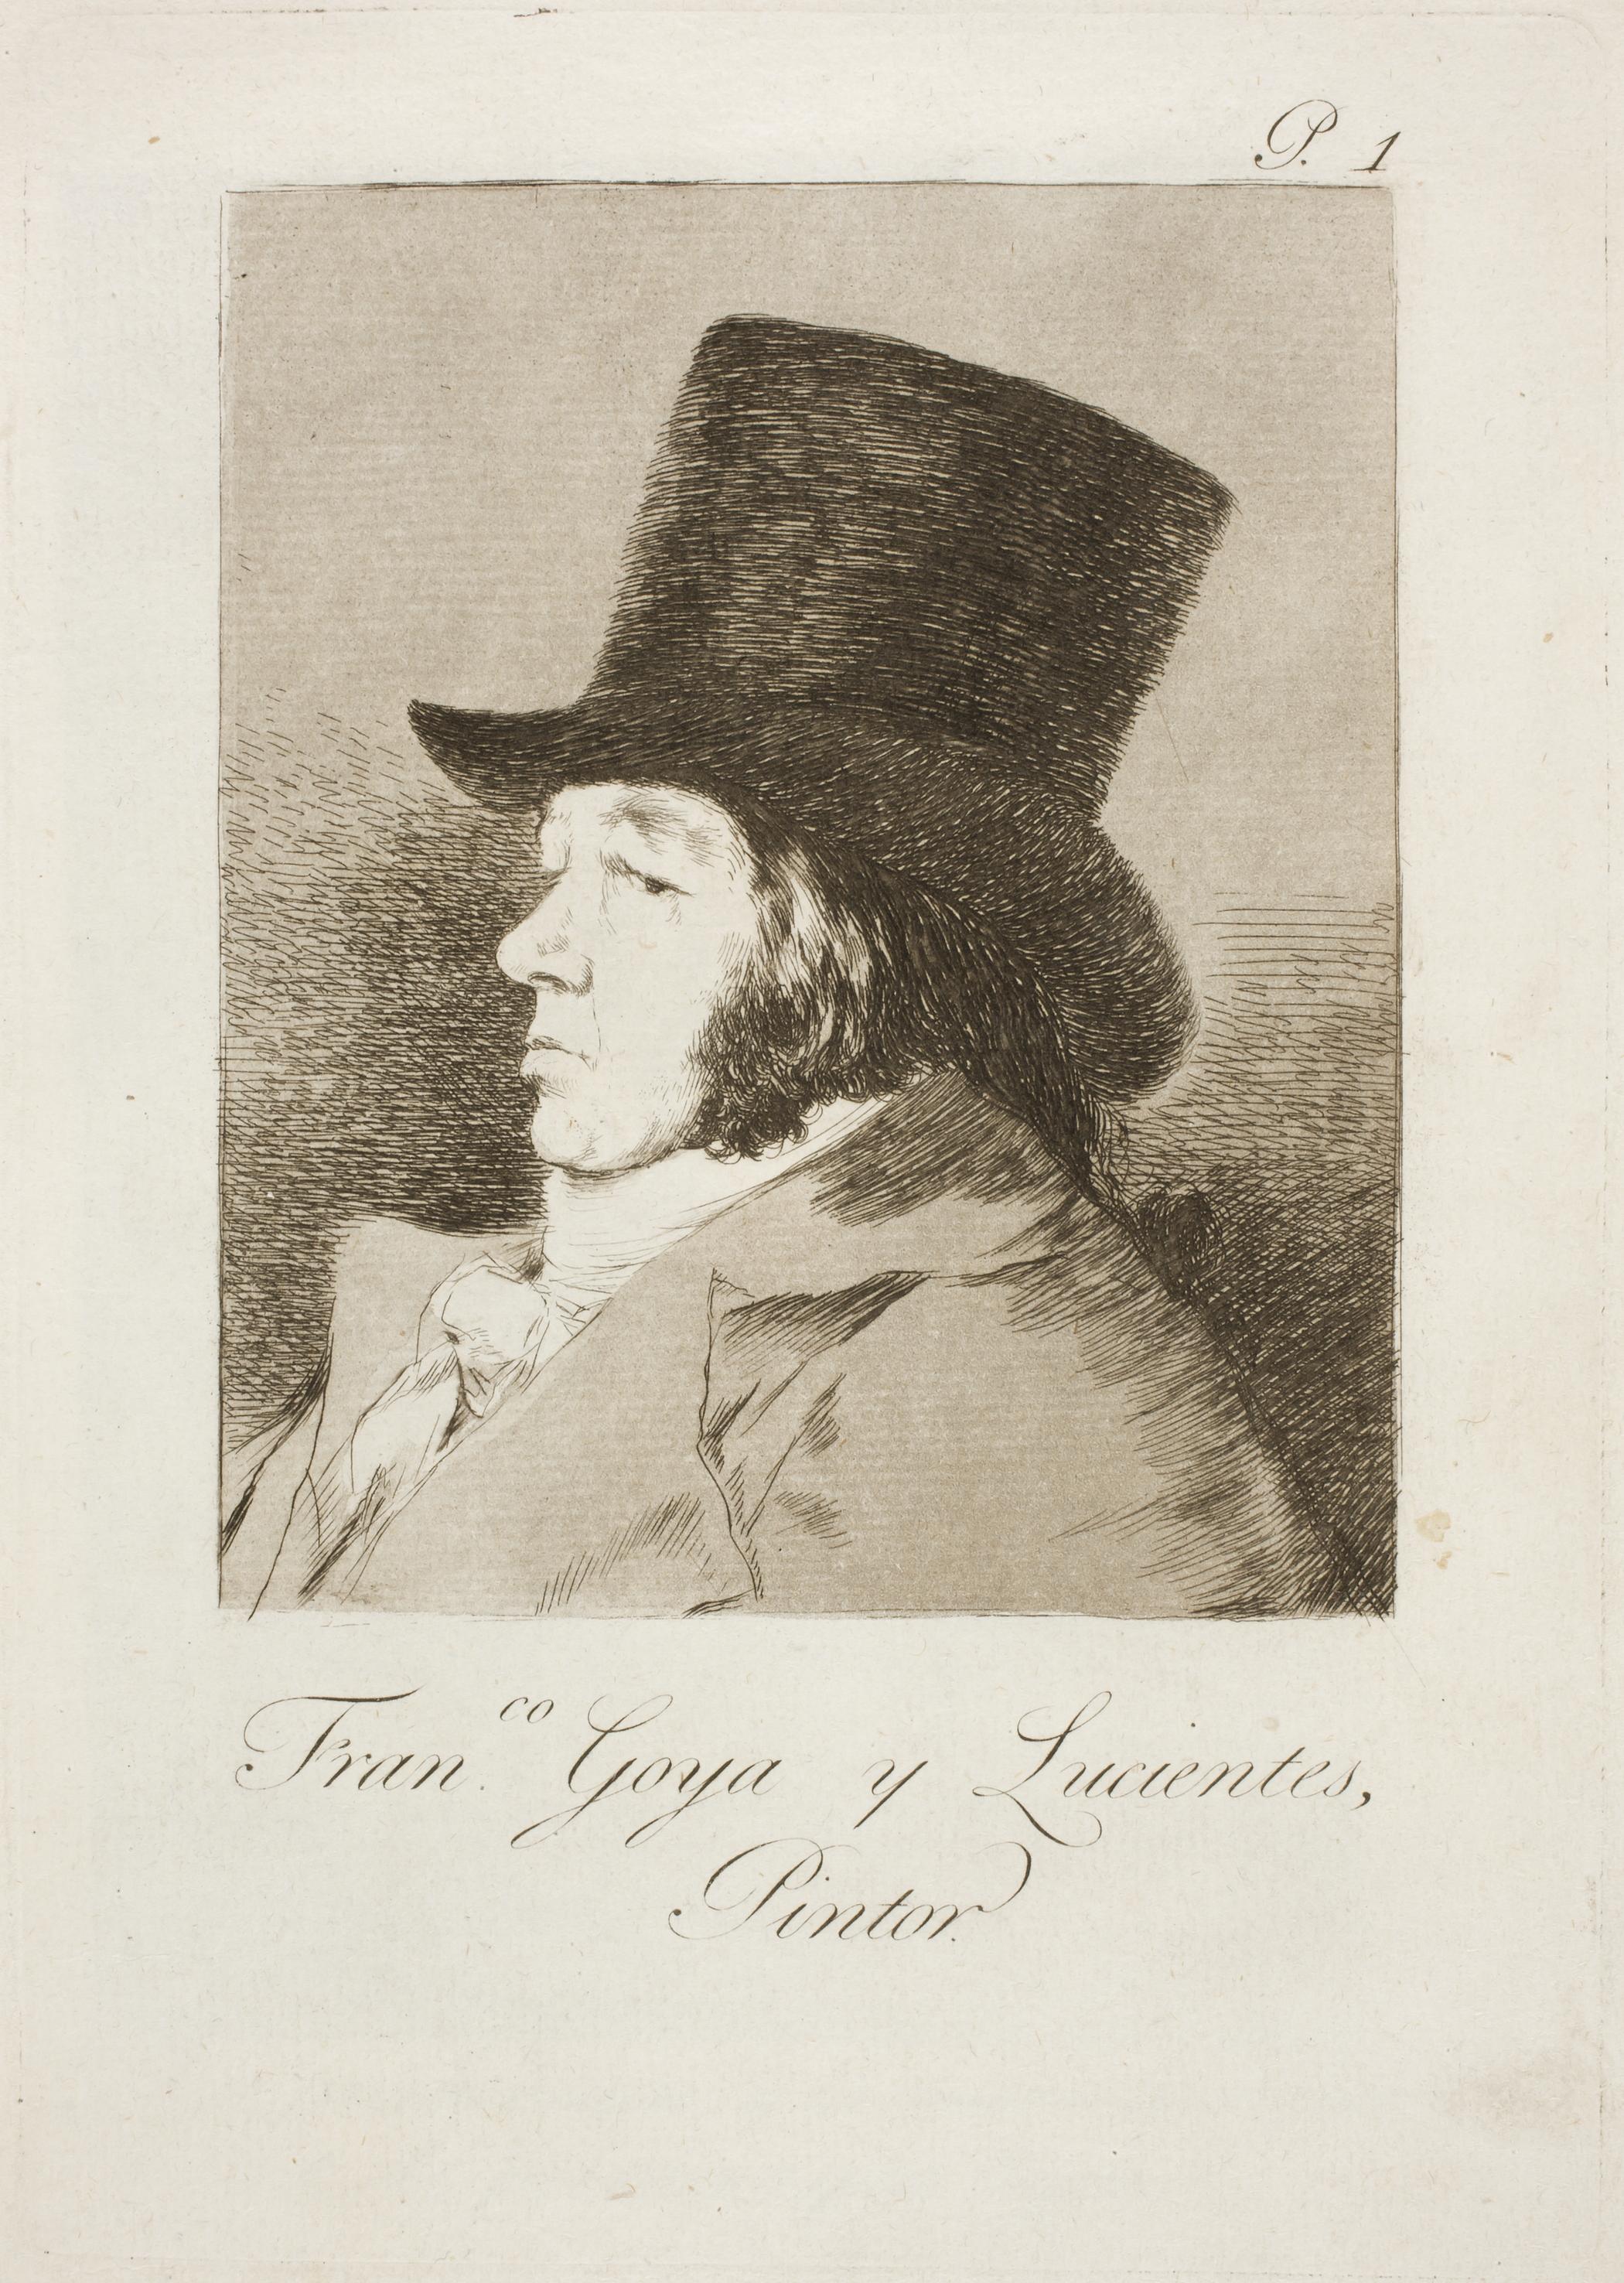 Каприз №1. Франсиско Гойя и Лусиентес, художник.